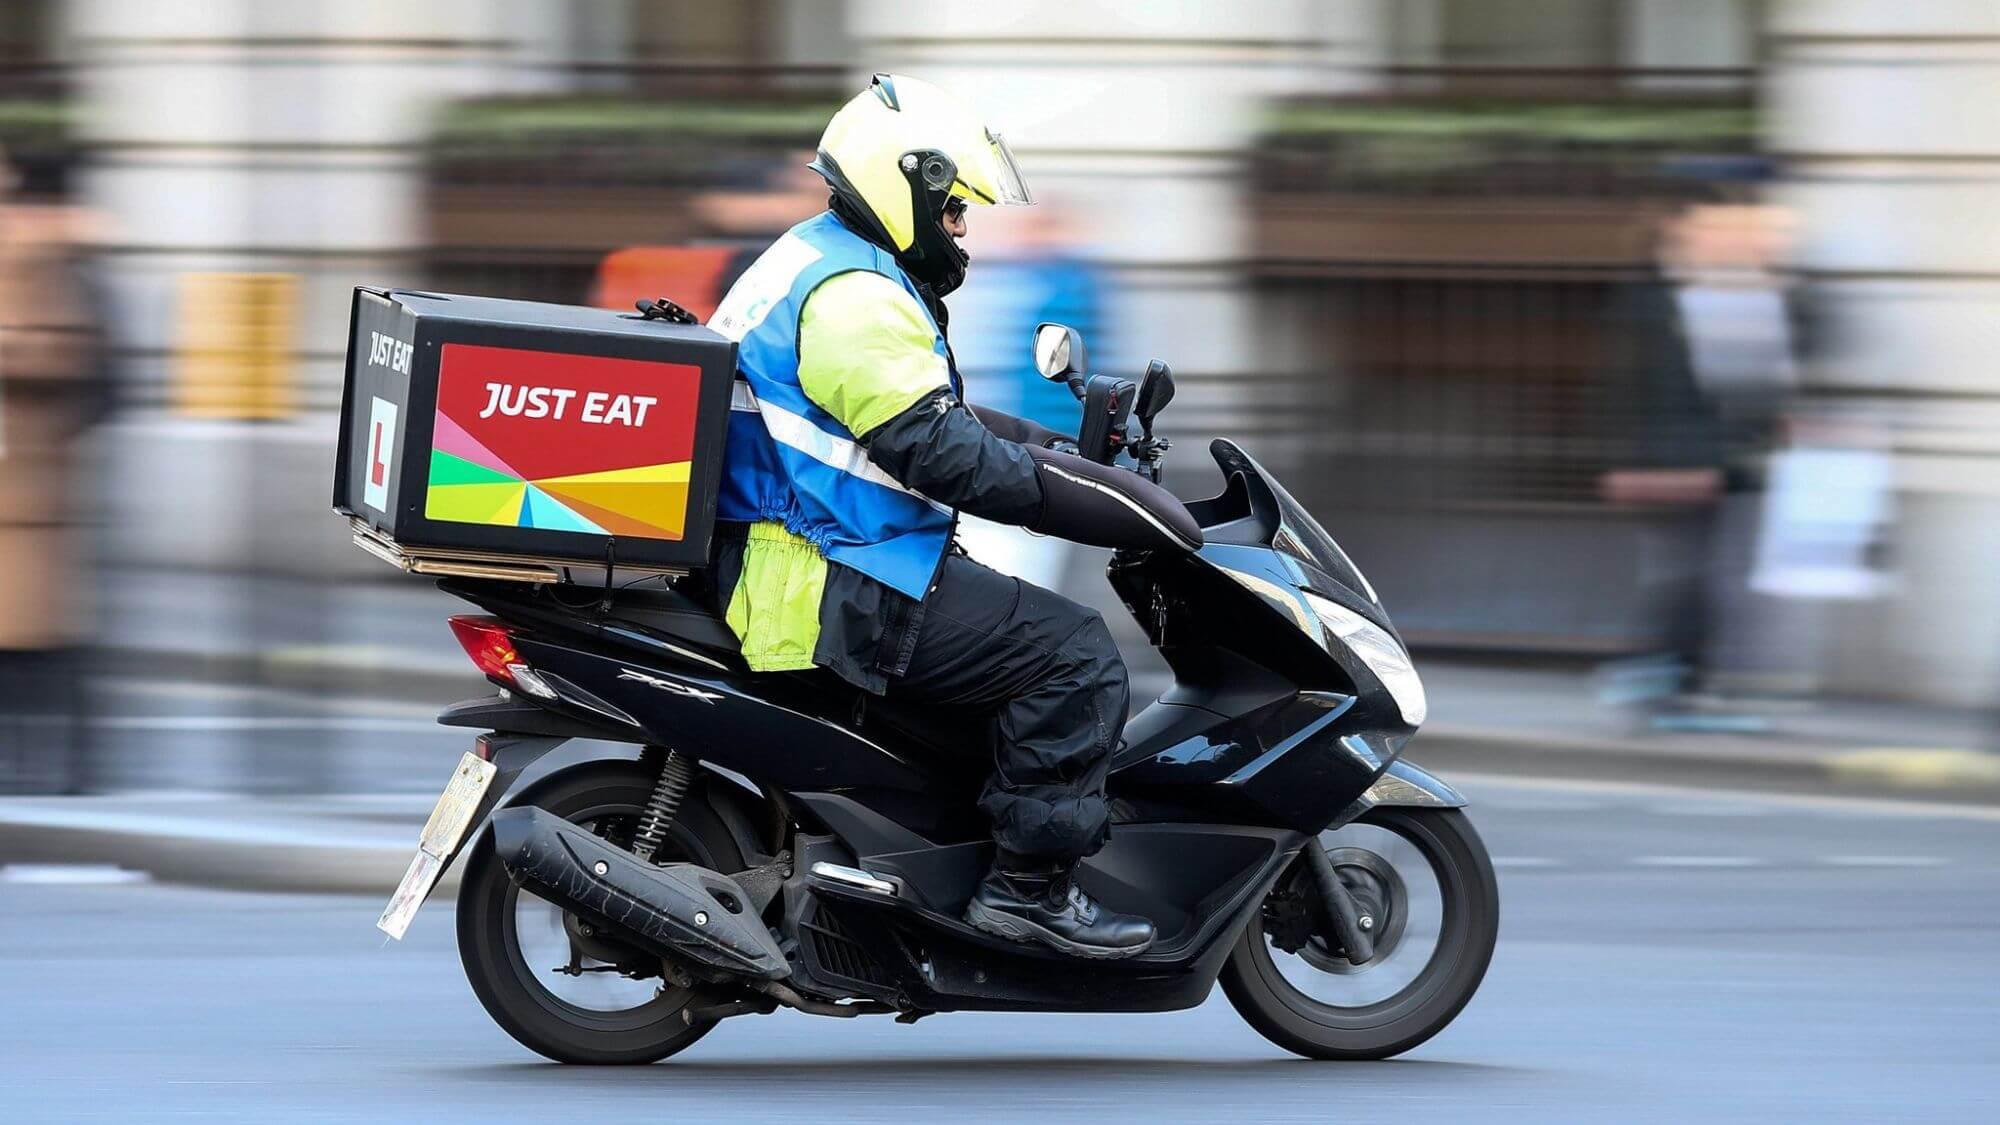 Just Eat lascia a piedi 100 riders a Firenze